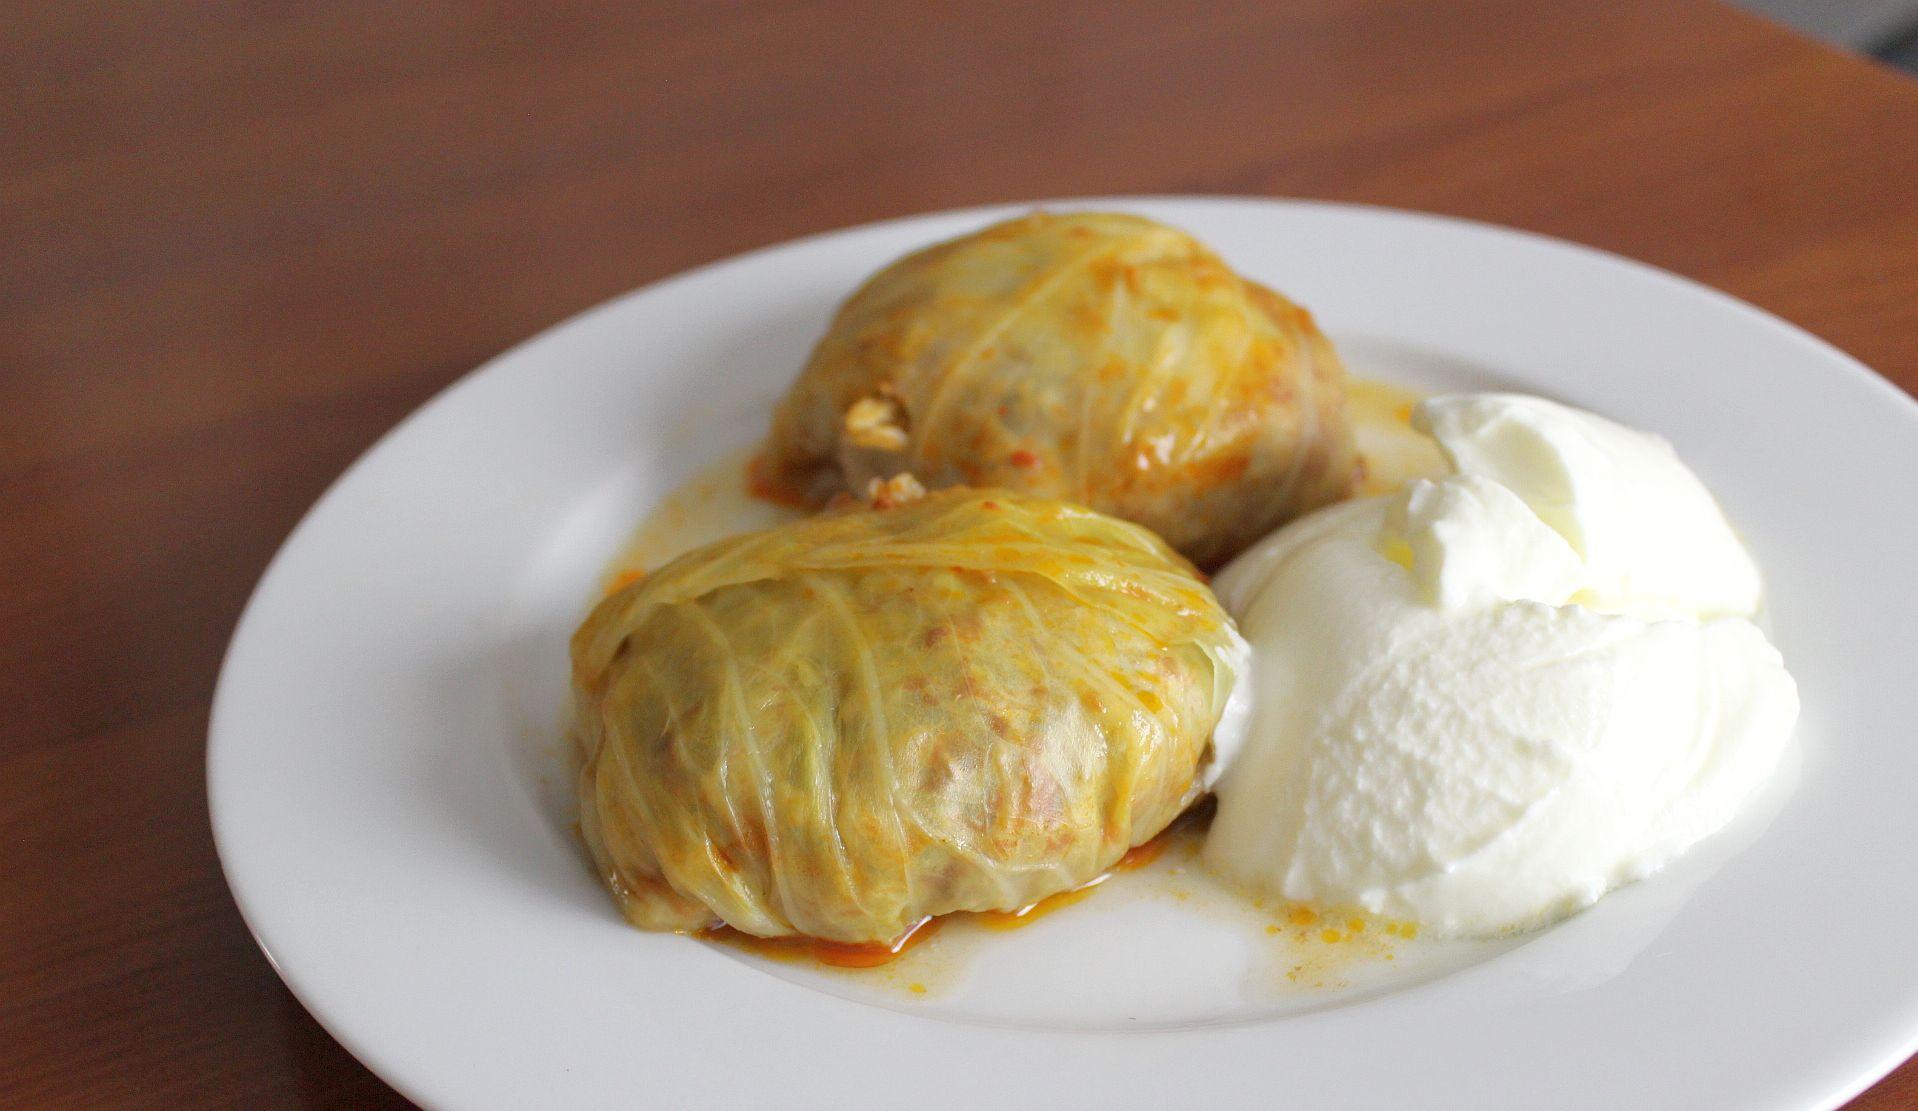 CANANS REZEPTE Türkische Weißkohl-Rouladen - Nach Mama´s Rezept